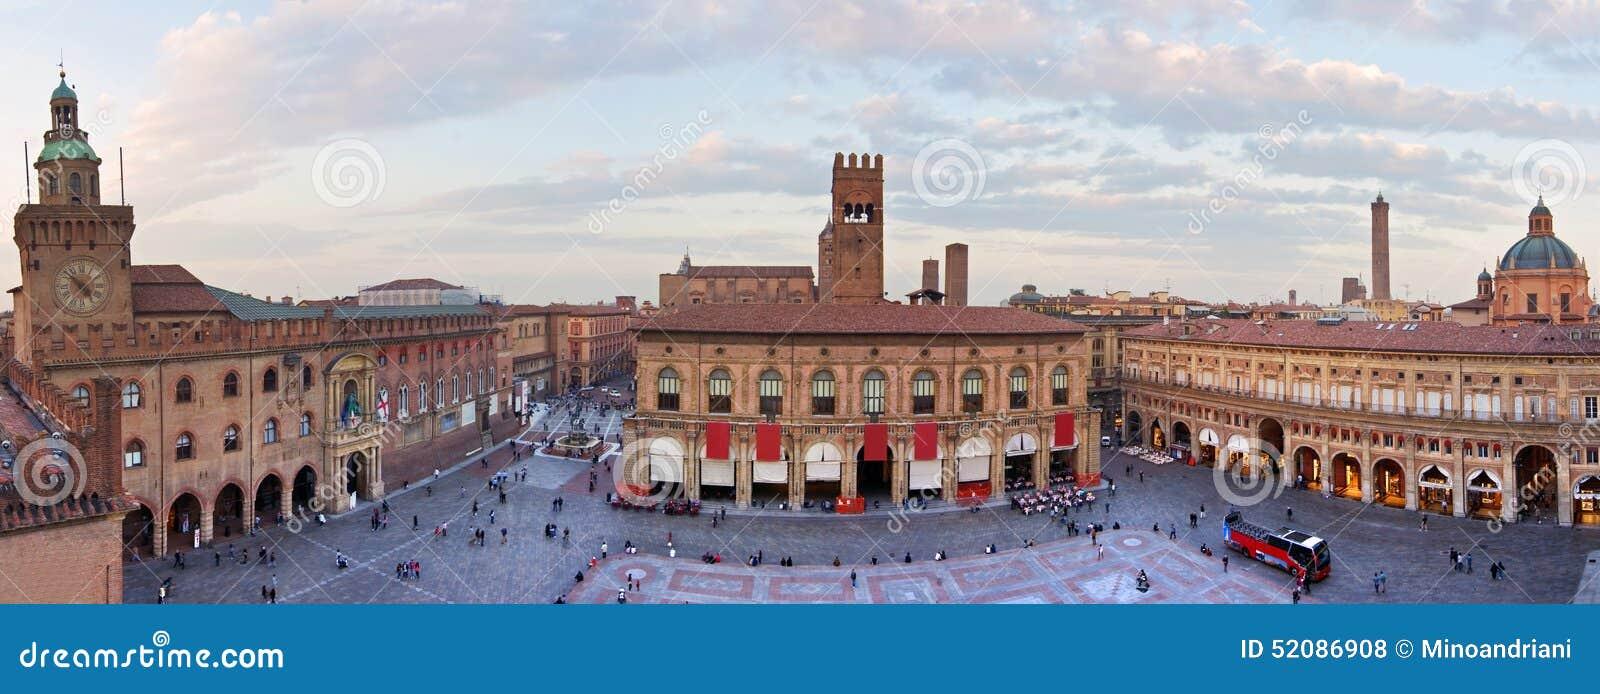 Cake Design Roma Piazza Bologna : View Of Piazza Maggiore - Bologna Stock Photo - Image ...